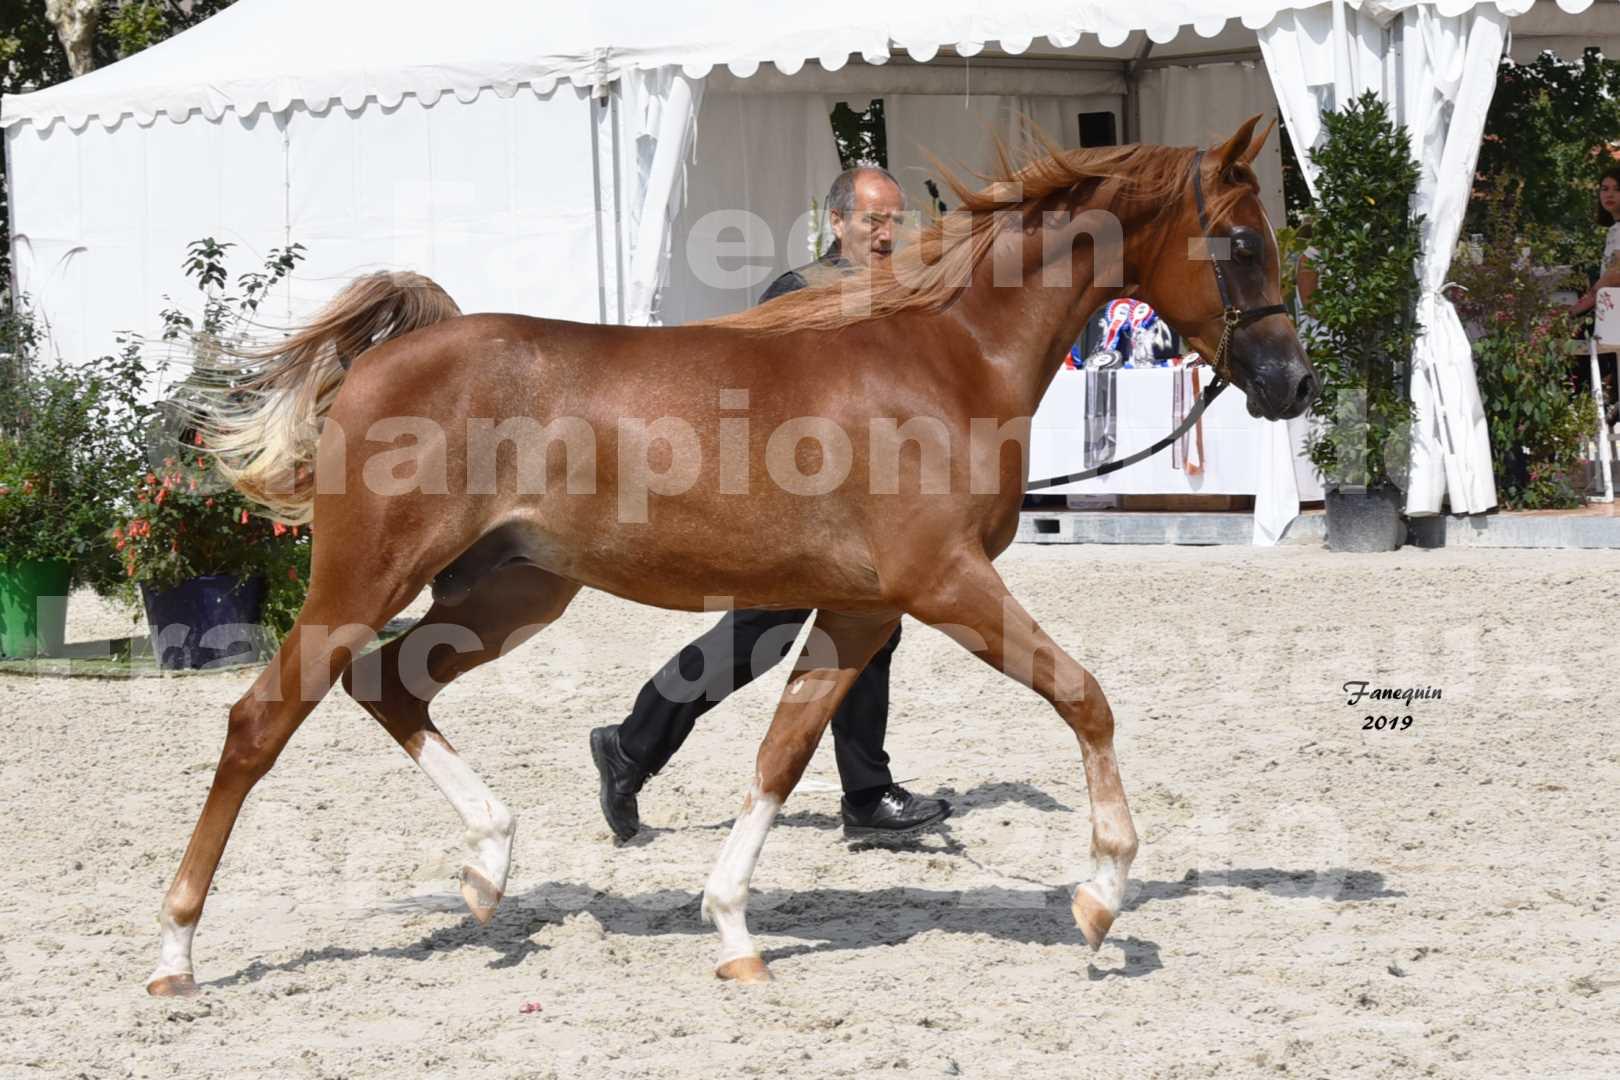 Championnat de France des chevaux Arabes en 2019 à VICHY - NILMANI SH - 1